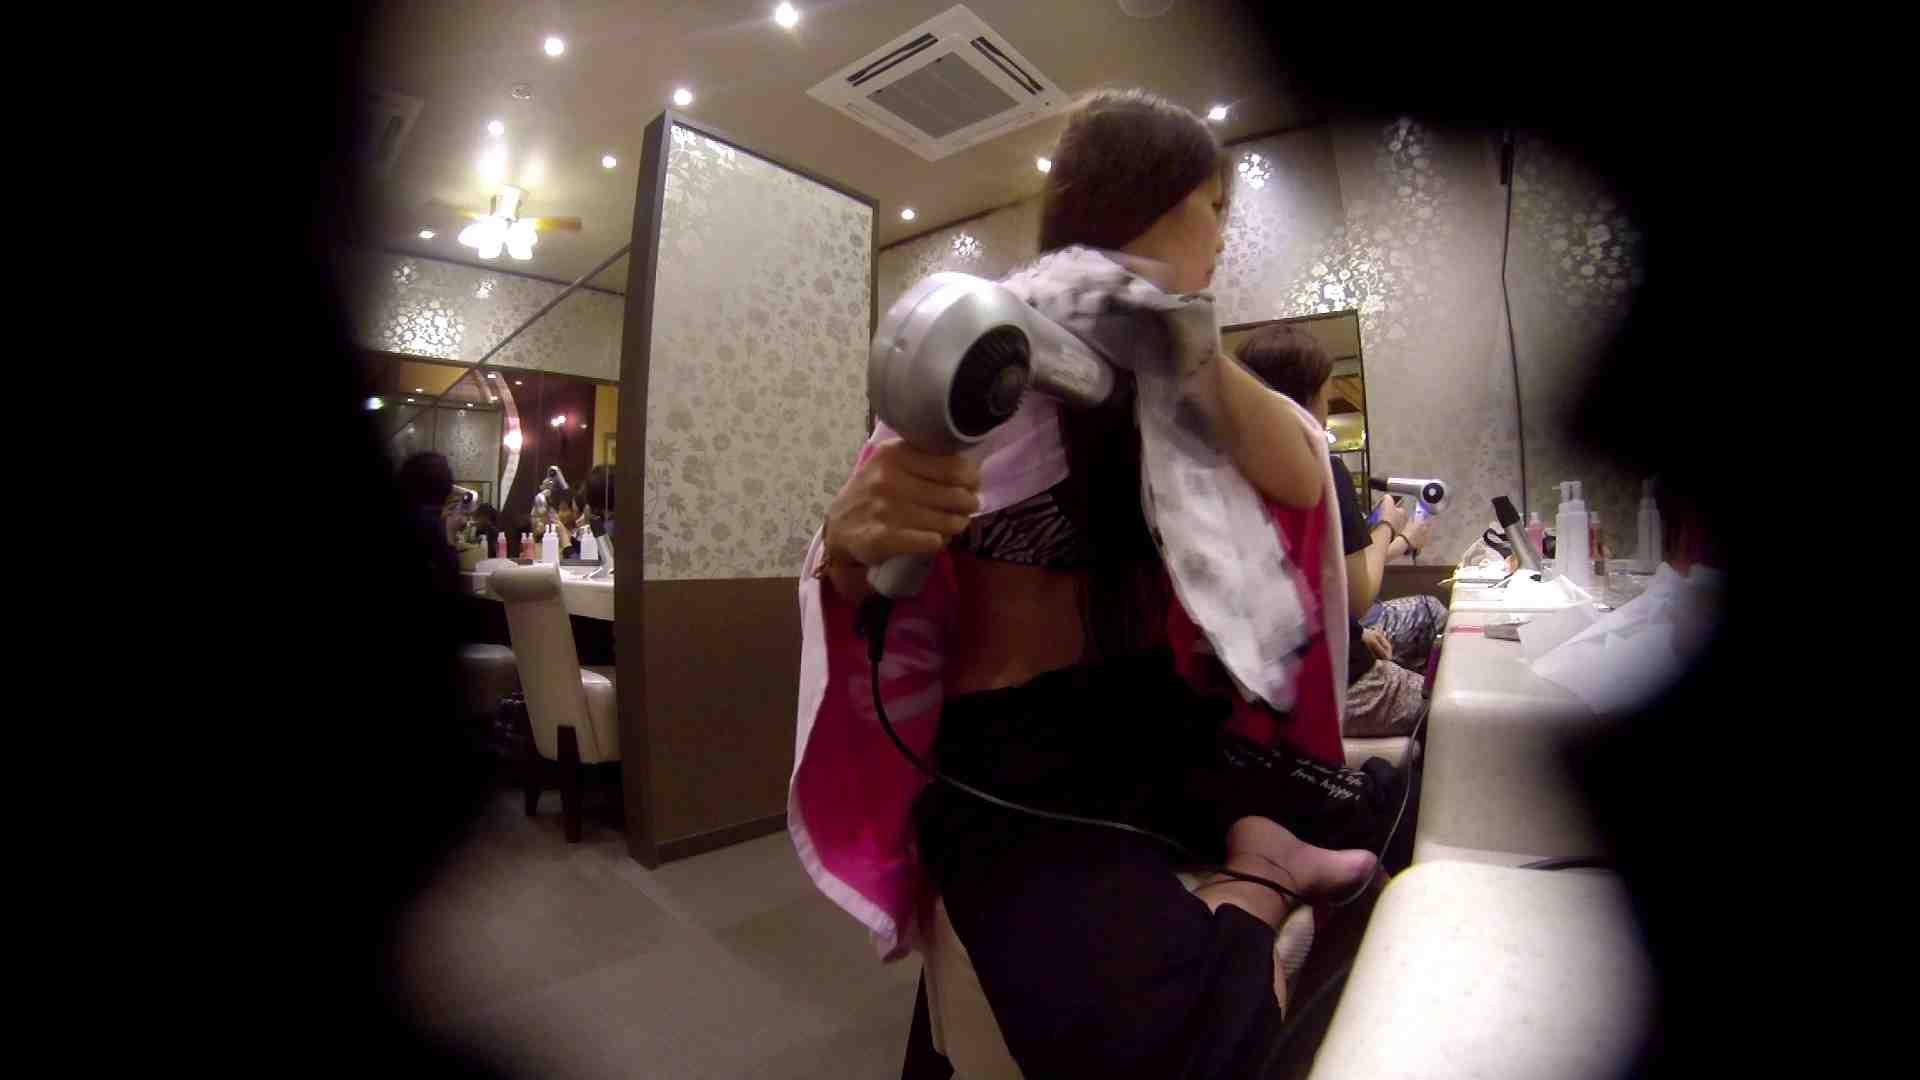 オムニバス!出入り口~シャワー~メイク室と移動。たくさんの女性が登場します 桃色シャワー | 銭湯  92pic 64